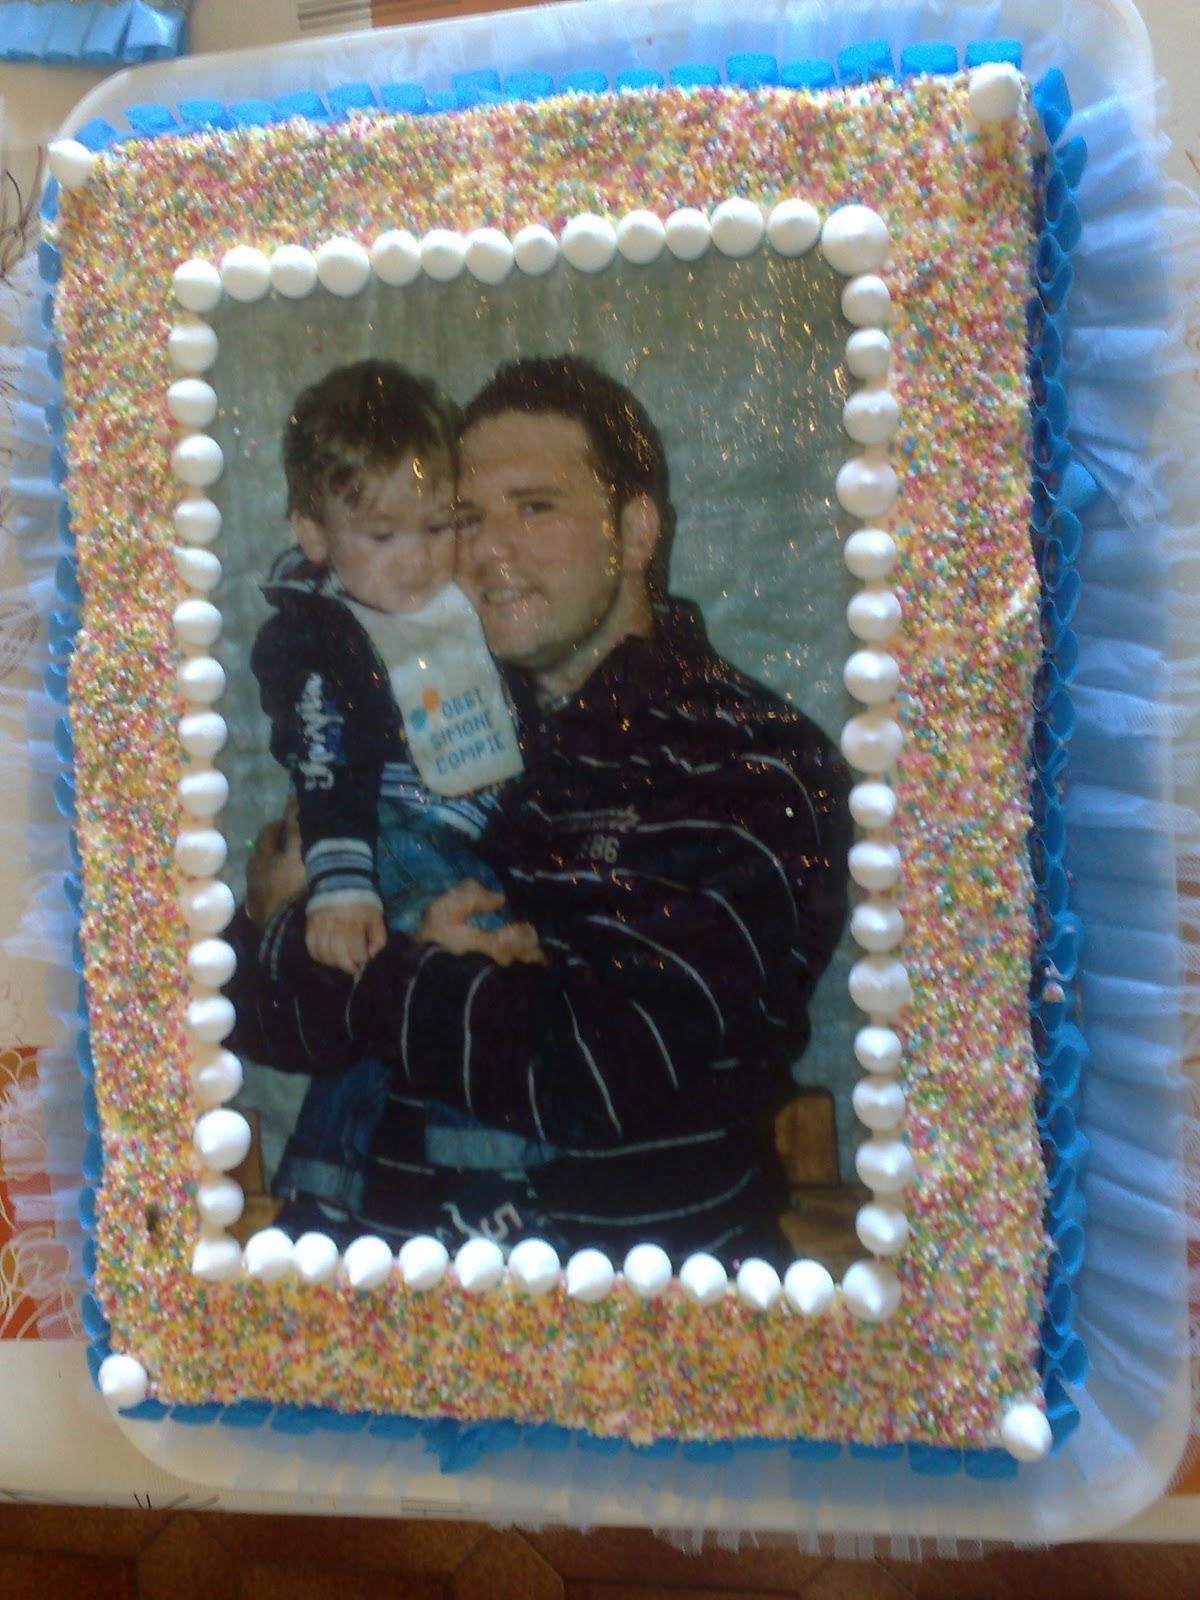 La mia dolcezza torta personalizzata for La mia casa personalizzata